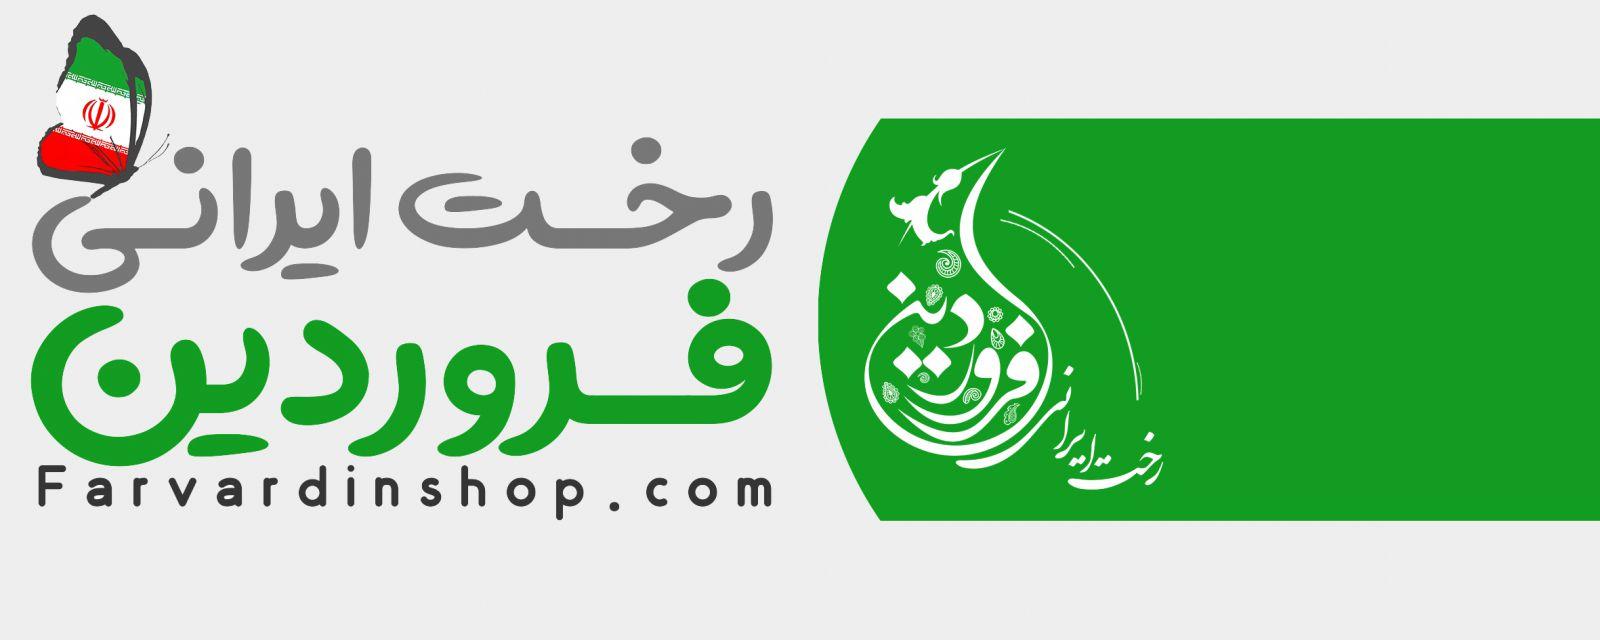 راه اندازی نرم افزار جامع فروشگاهی برای مجموعه رخت ایرانی فروردین